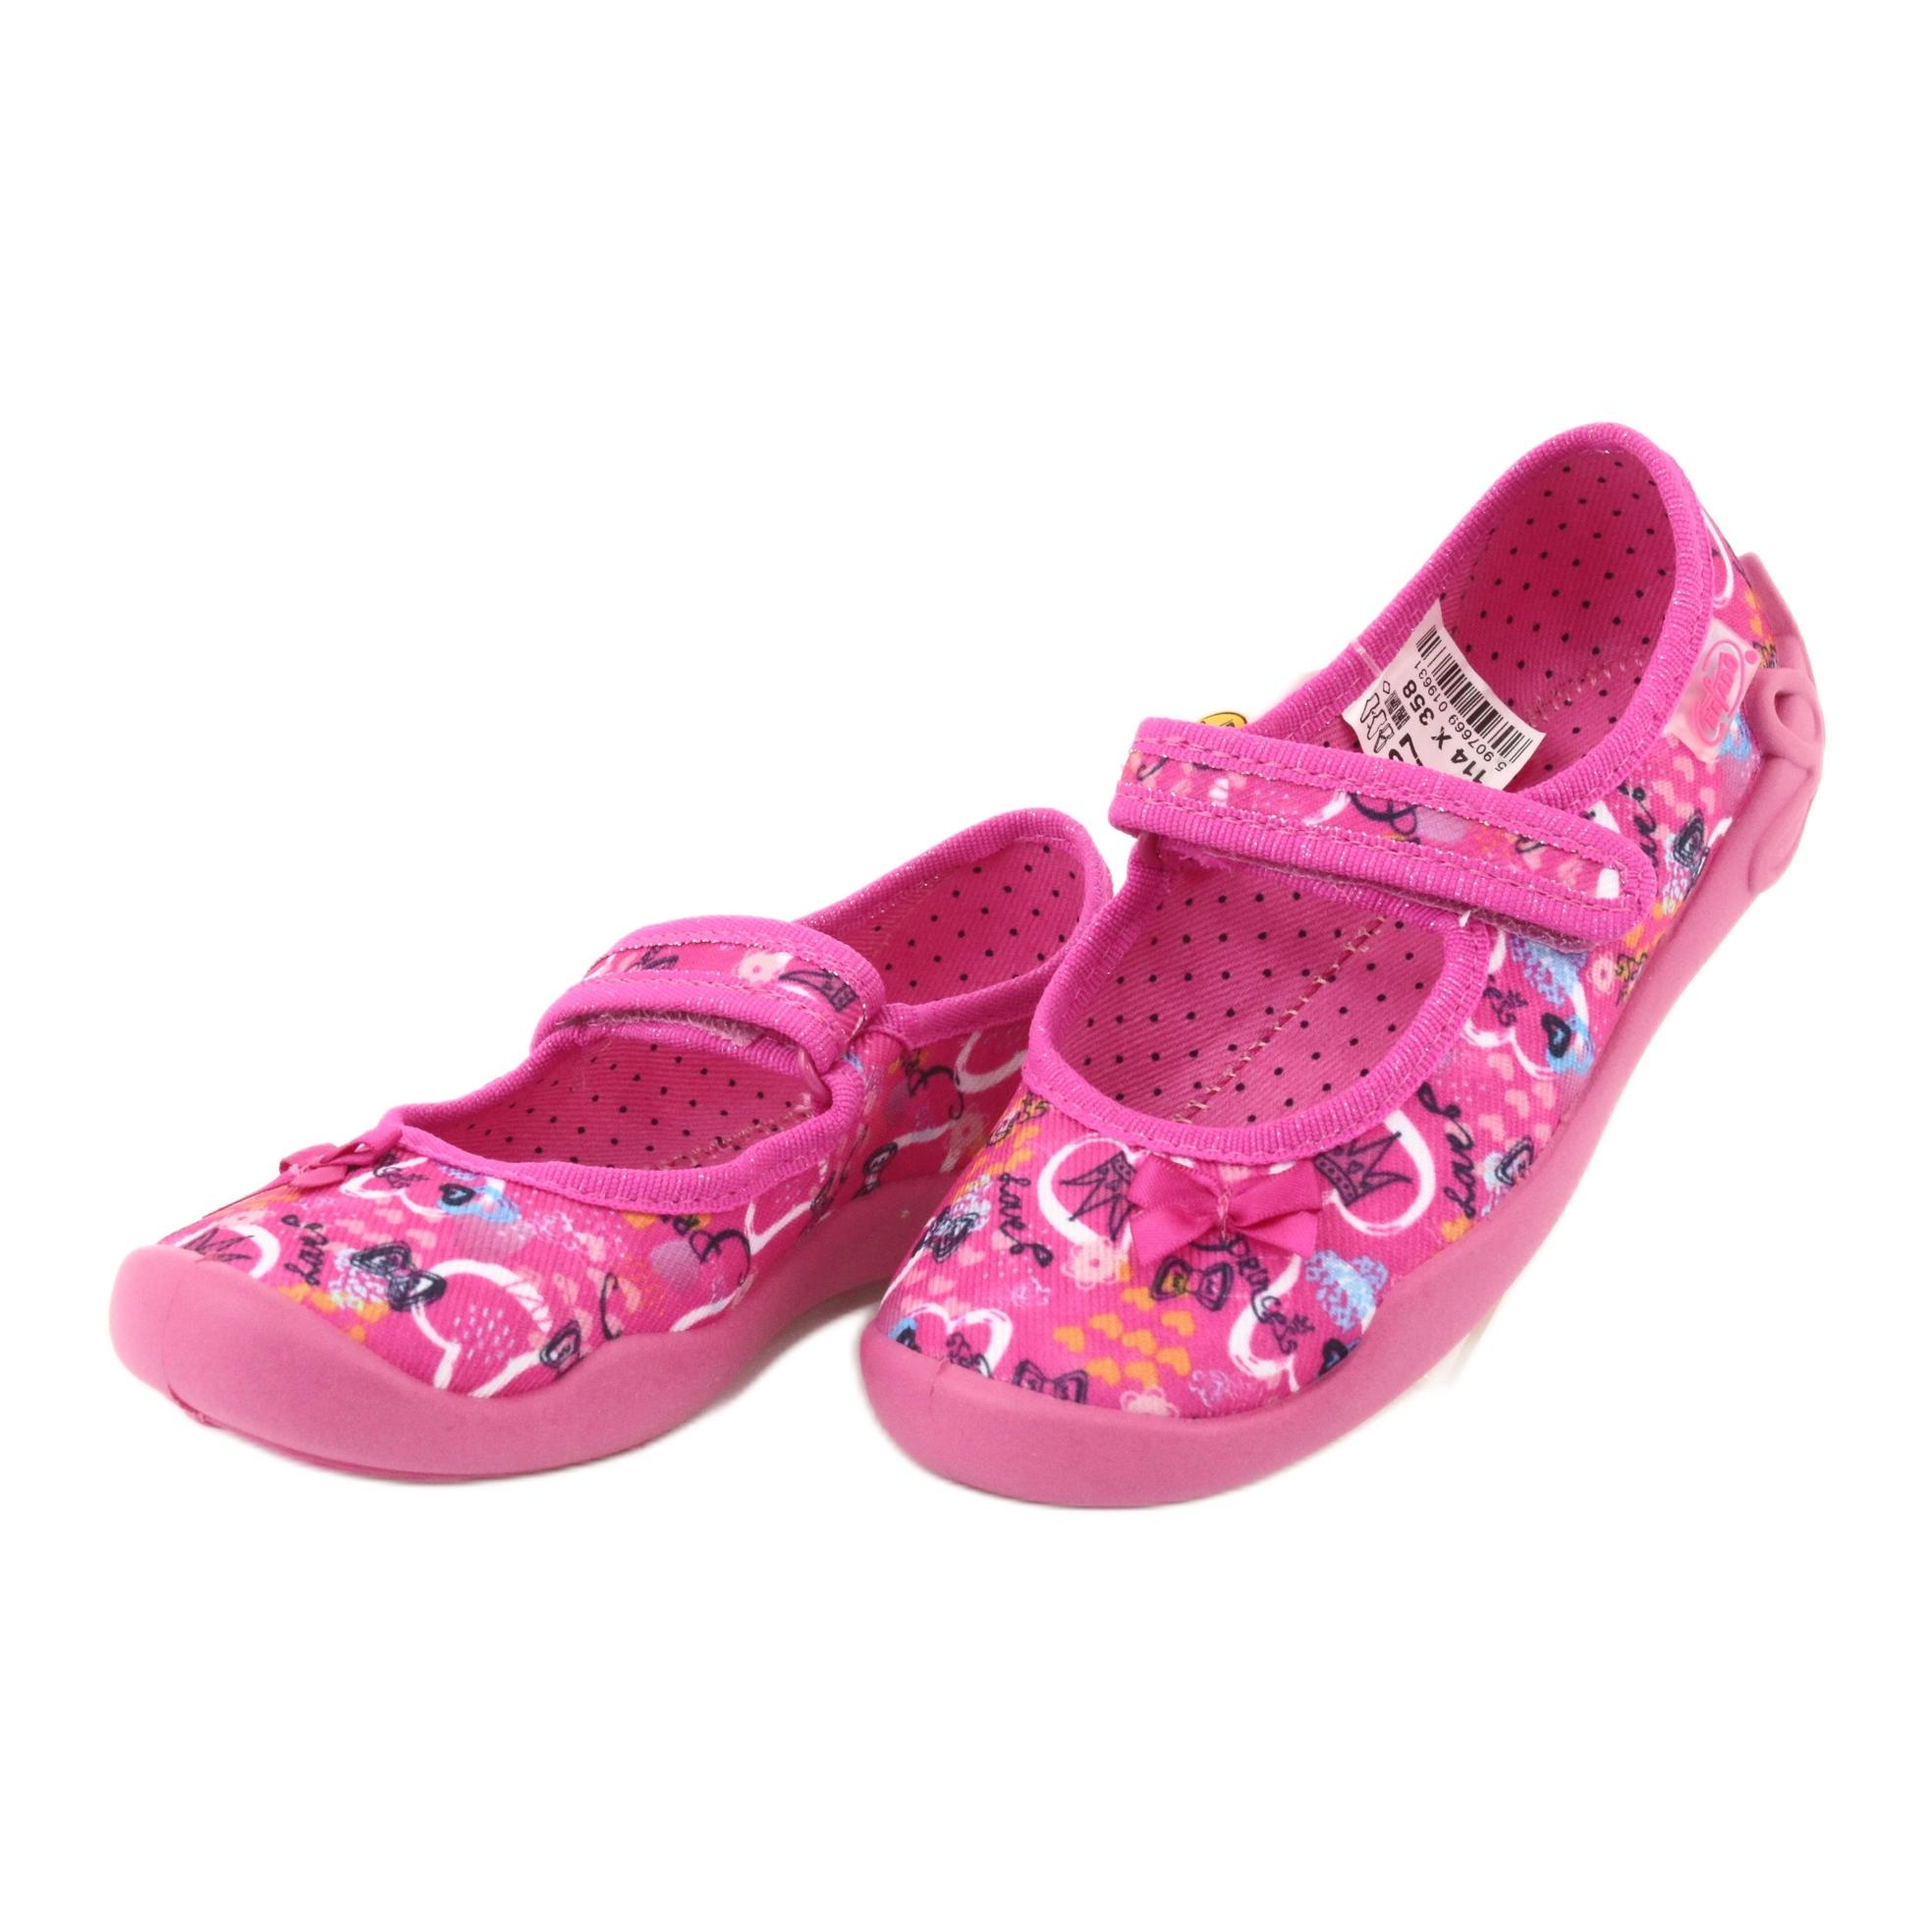 miniatura 4 - Scarpe per bambini Befado 114X358 rosa multicolore